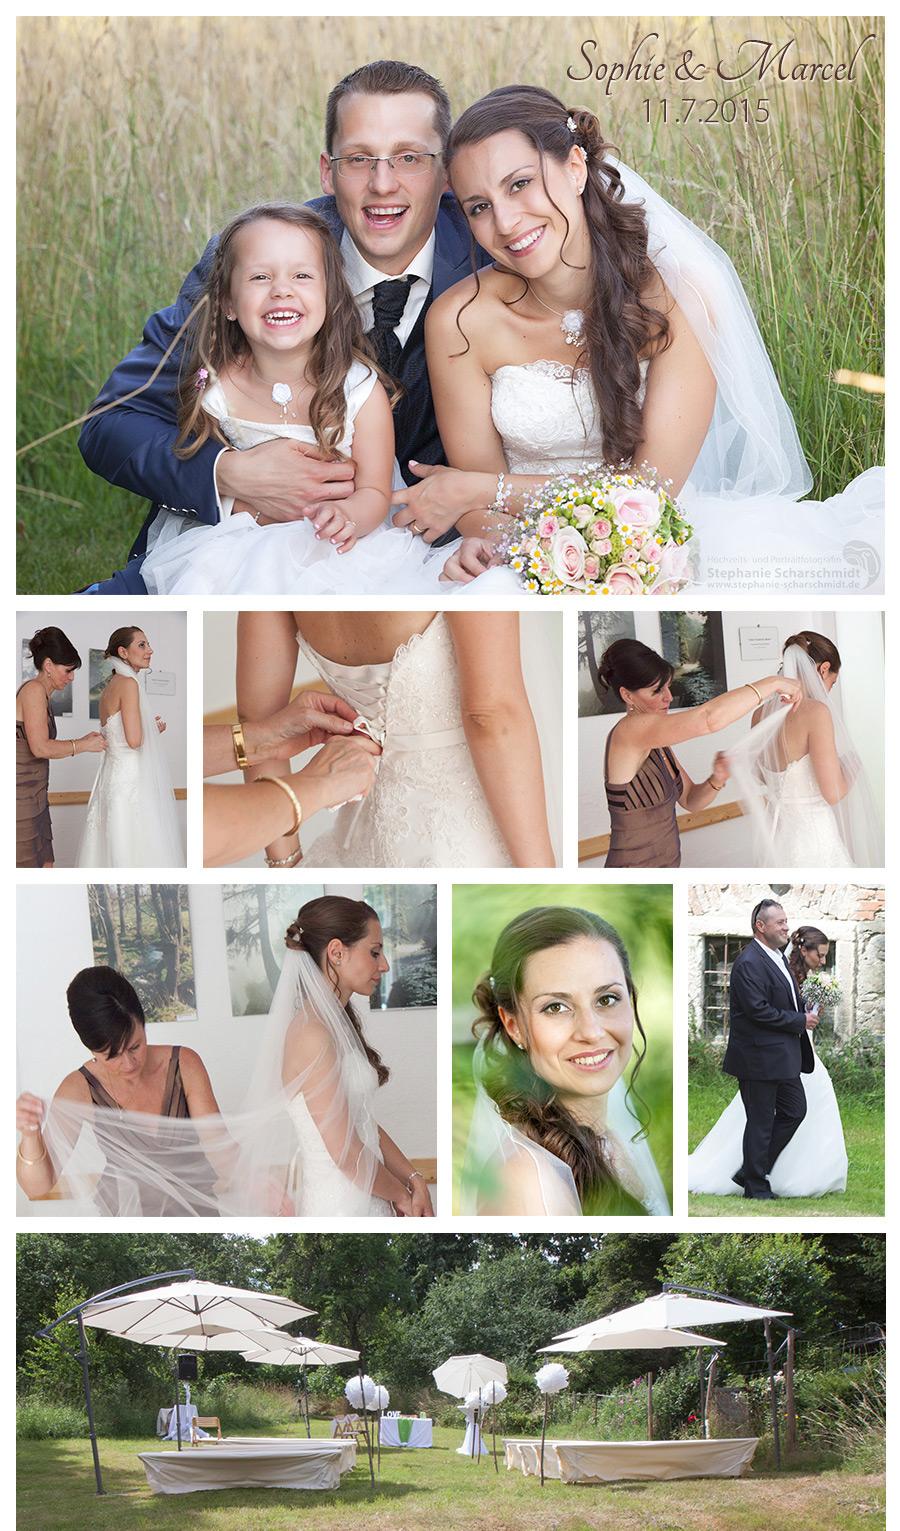 Hochzeit im Grünen - Dekoration für Trauung in der Natur- Hochzeit im Pfaffengut in Plauen – Hochzeitsfotograf in Plauen im Vogtland – Hochzeits- und Portraitfotografin Stephanie Scharschmidt